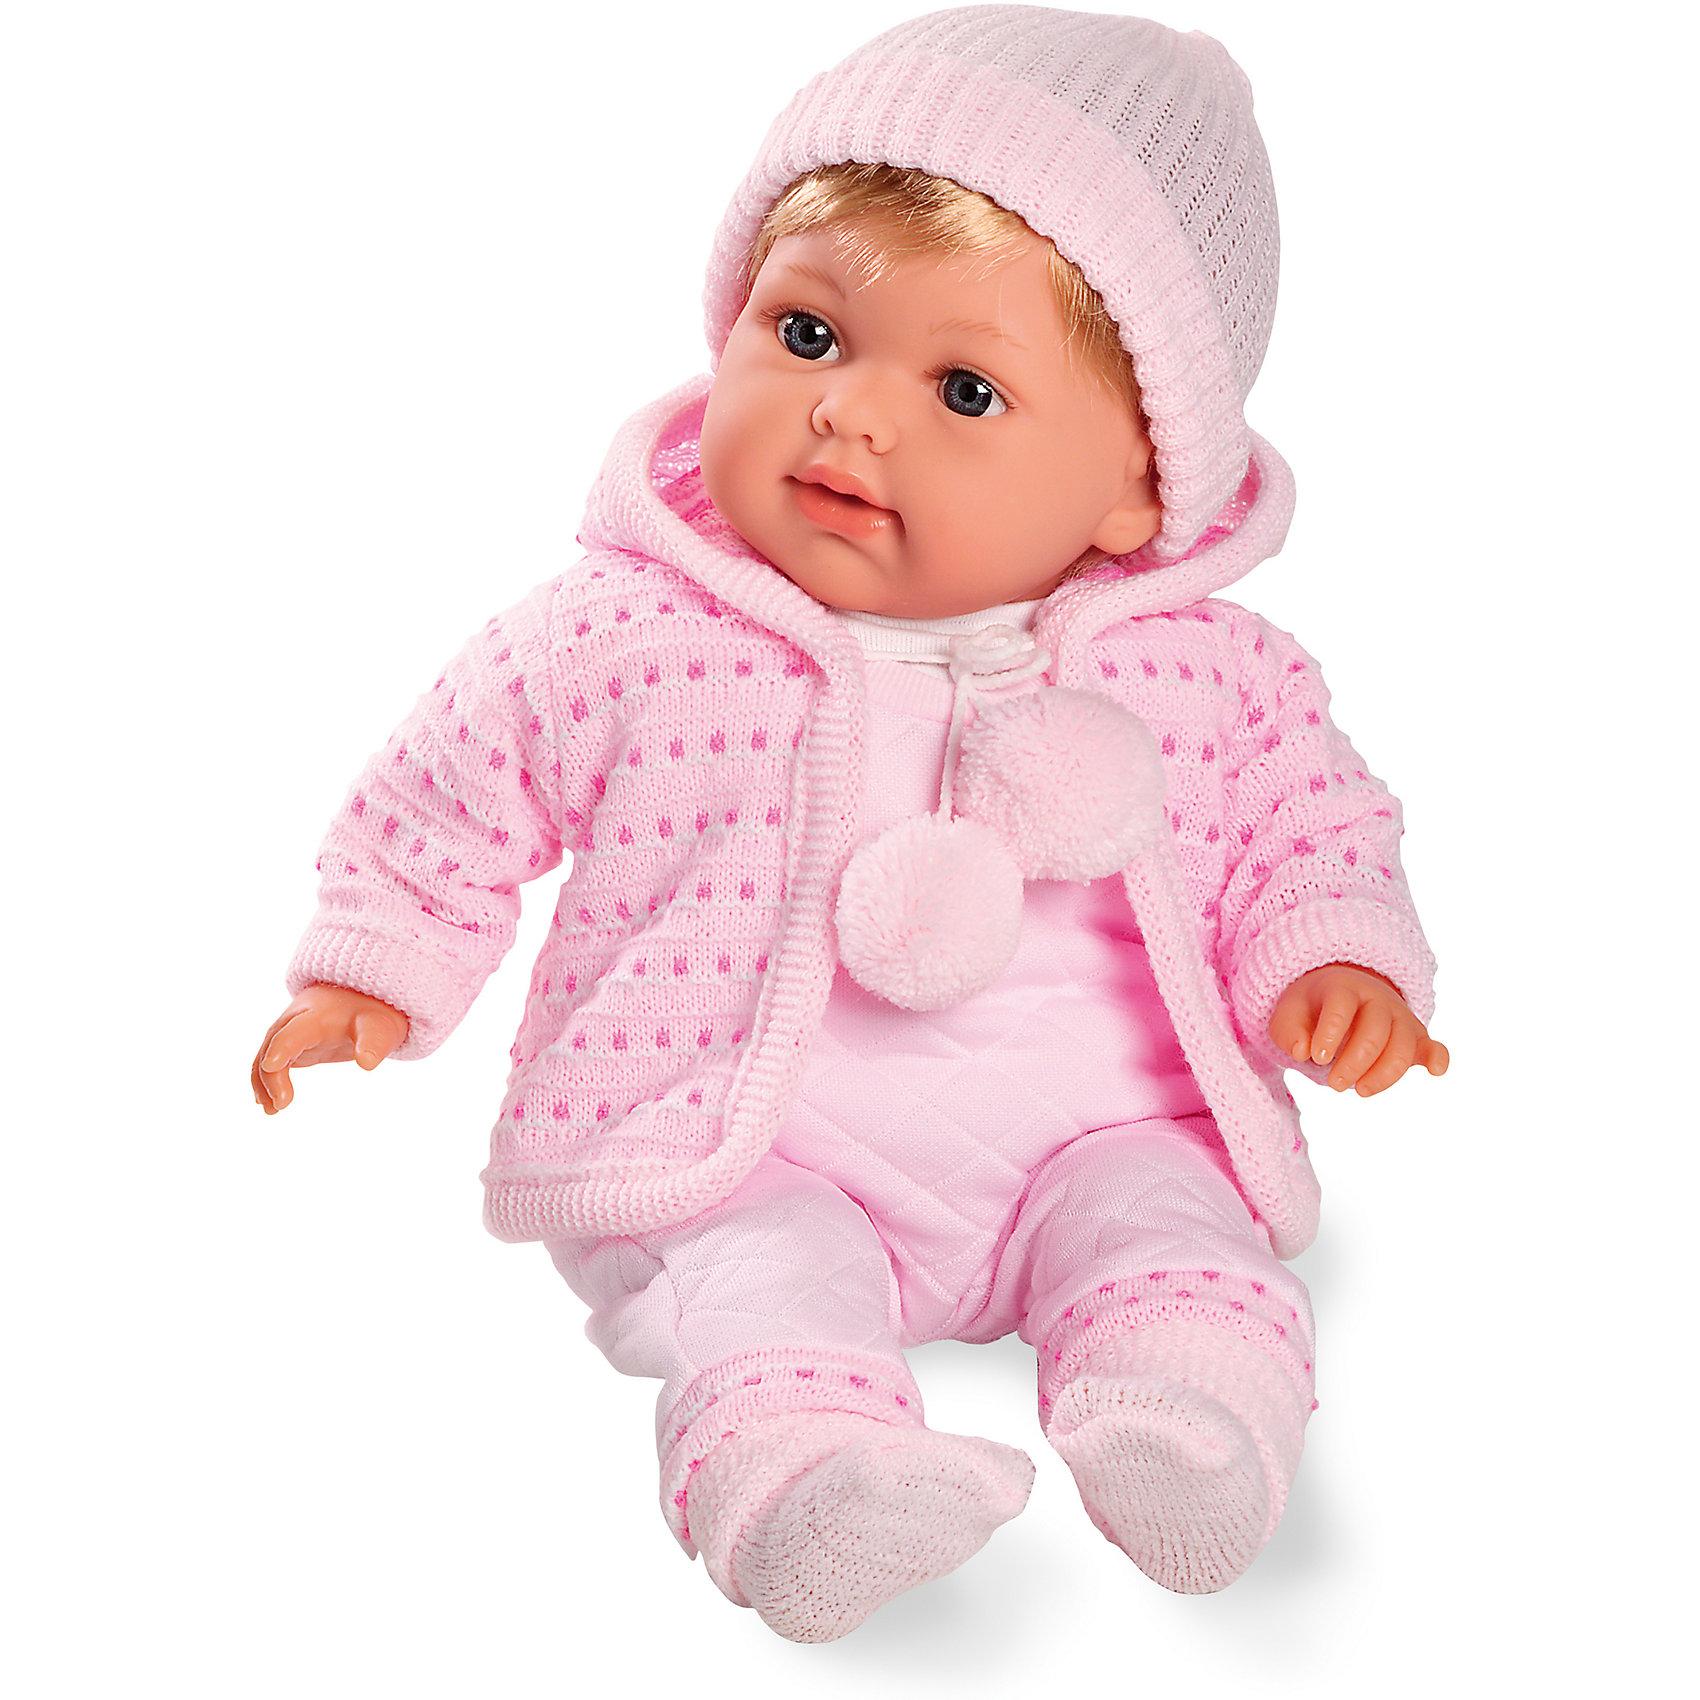 Пупс с соской, в вязаной одежке, 42см, плачет, AriasКуклы-пупсы<br>Характеристики:<br><br>• Вид игр: сюжетно-ролевые<br>• Пол: для девочек<br>• Коллекция: Elegance<br>• Материал: винил, текстиль, нейлон<br>• Длина куклы: 42 см<br>• Комплектация: кукла, комбинезон, курточка, пинетки, шапочка, <br>• Подвижные ручки и ножки <br>• Умеет плакать<br>• Батарейки: 3 x AG13 / LR44 (предусмотрены в комплекте)<br>• Вес в упаковке: 1 кг 100 г<br>• Размеры упаковки (Г*Ш*В): 20*20*50 см<br>• Упаковка: картонная коробка<br>• Особенности ухода: куклу можно купать, одежда – ручная стирка<br><br>Пупс с соской, в вязаной одежке, 42см, плачет, Arias изготовлен известным испанским торговым предприятием Munecas, который специализируется на выпуске кукол и пупсов. Пупсы и куклы Arias с высокой степенью достоверности повторяют облик маленьких детей, благодаря мельчайшим деталям внешнего вида и одежды игрушки выглядят мило и очаровательно. Кукла выполнена из винила, у нее подвижные ручки и ножки, прямые короткие волосы, четко прорисованные глаза и брови, курносый носик и пухленькие губки. Малышка одета в розовый комбинезон, вязаную теплую курточку с завязками, на ножках у нее теплые пинетки, на голове шапочка. При нажатии на животик, кукла начинает плакать. Пупс с соской, в вязаной одежке, 42см, плачет, Arias идеальным подарком для девочки к любому празднику.<br><br>Пупса с соской, в вязаной одежке, 42см, плачет, Arias можно купить в нашем интернет-магазине.<br><br>Ширина мм: 480<br>Глубина мм: 160<br>Высота мм: 260<br>Вес г: 1367<br>Возраст от месяцев: 36<br>Возраст до месяцев: 120<br>Пол: Женский<br>Возраст: Детский<br>SKU: 5355541